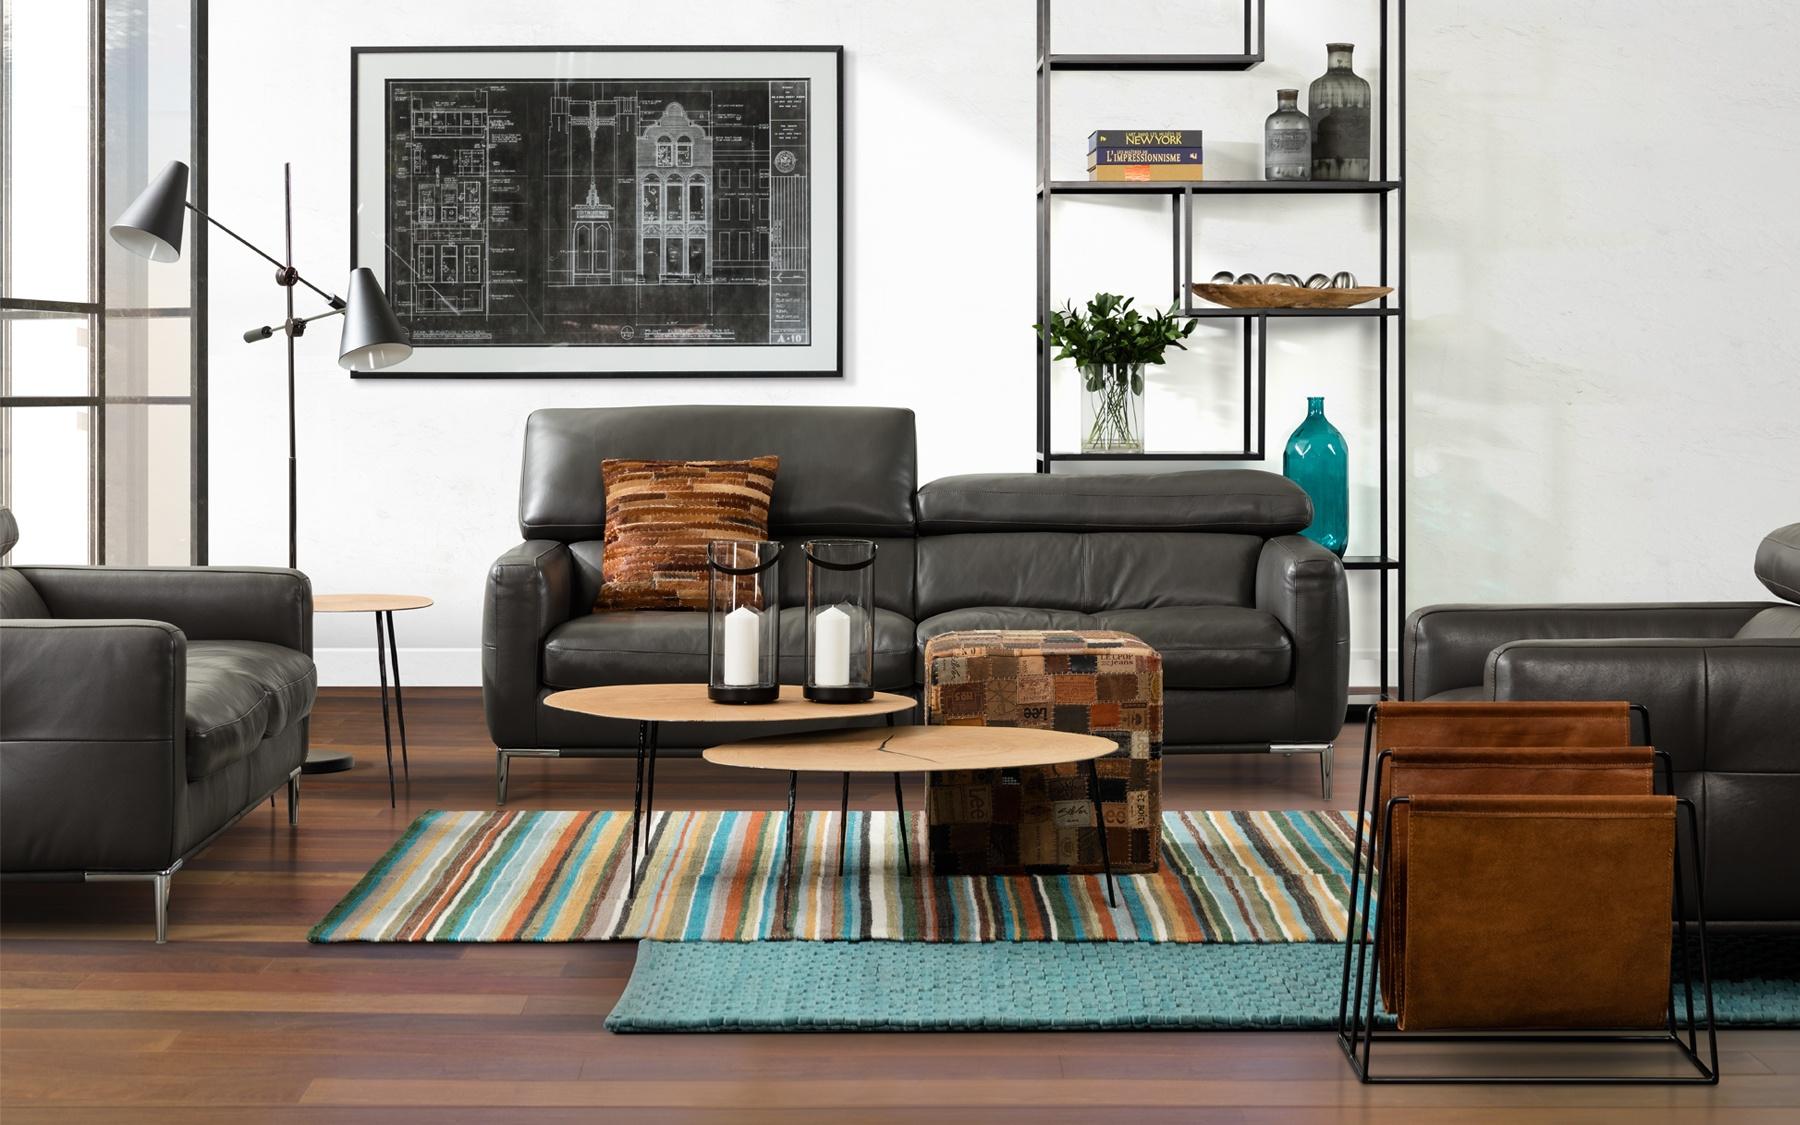 Canap cuir 79 c685 canap s salons la galerie du meuble for Galerie du meuble